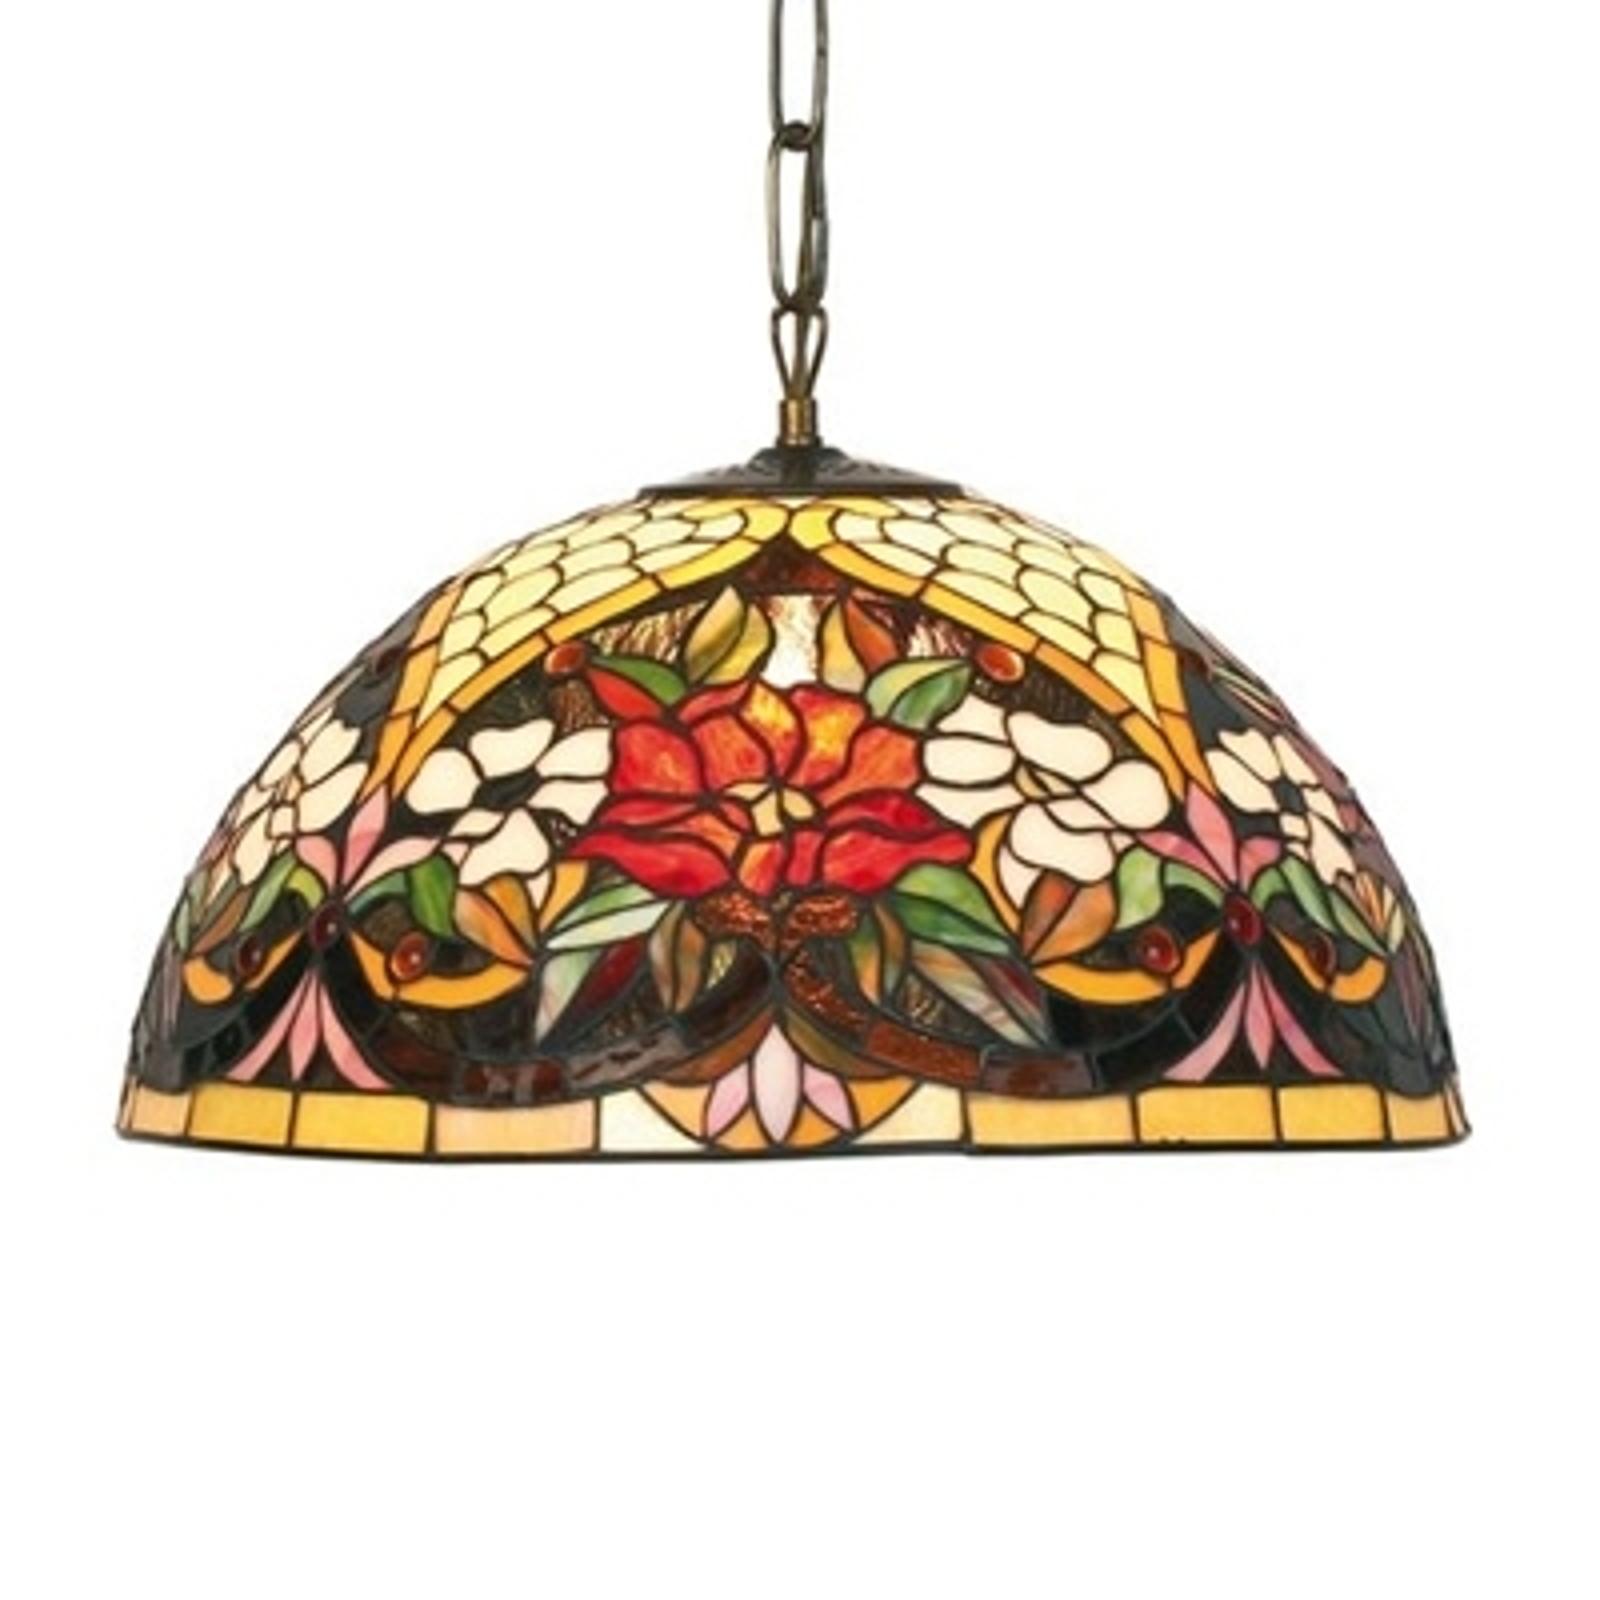 ANTINA blomstret hængelampe, 1 x E27